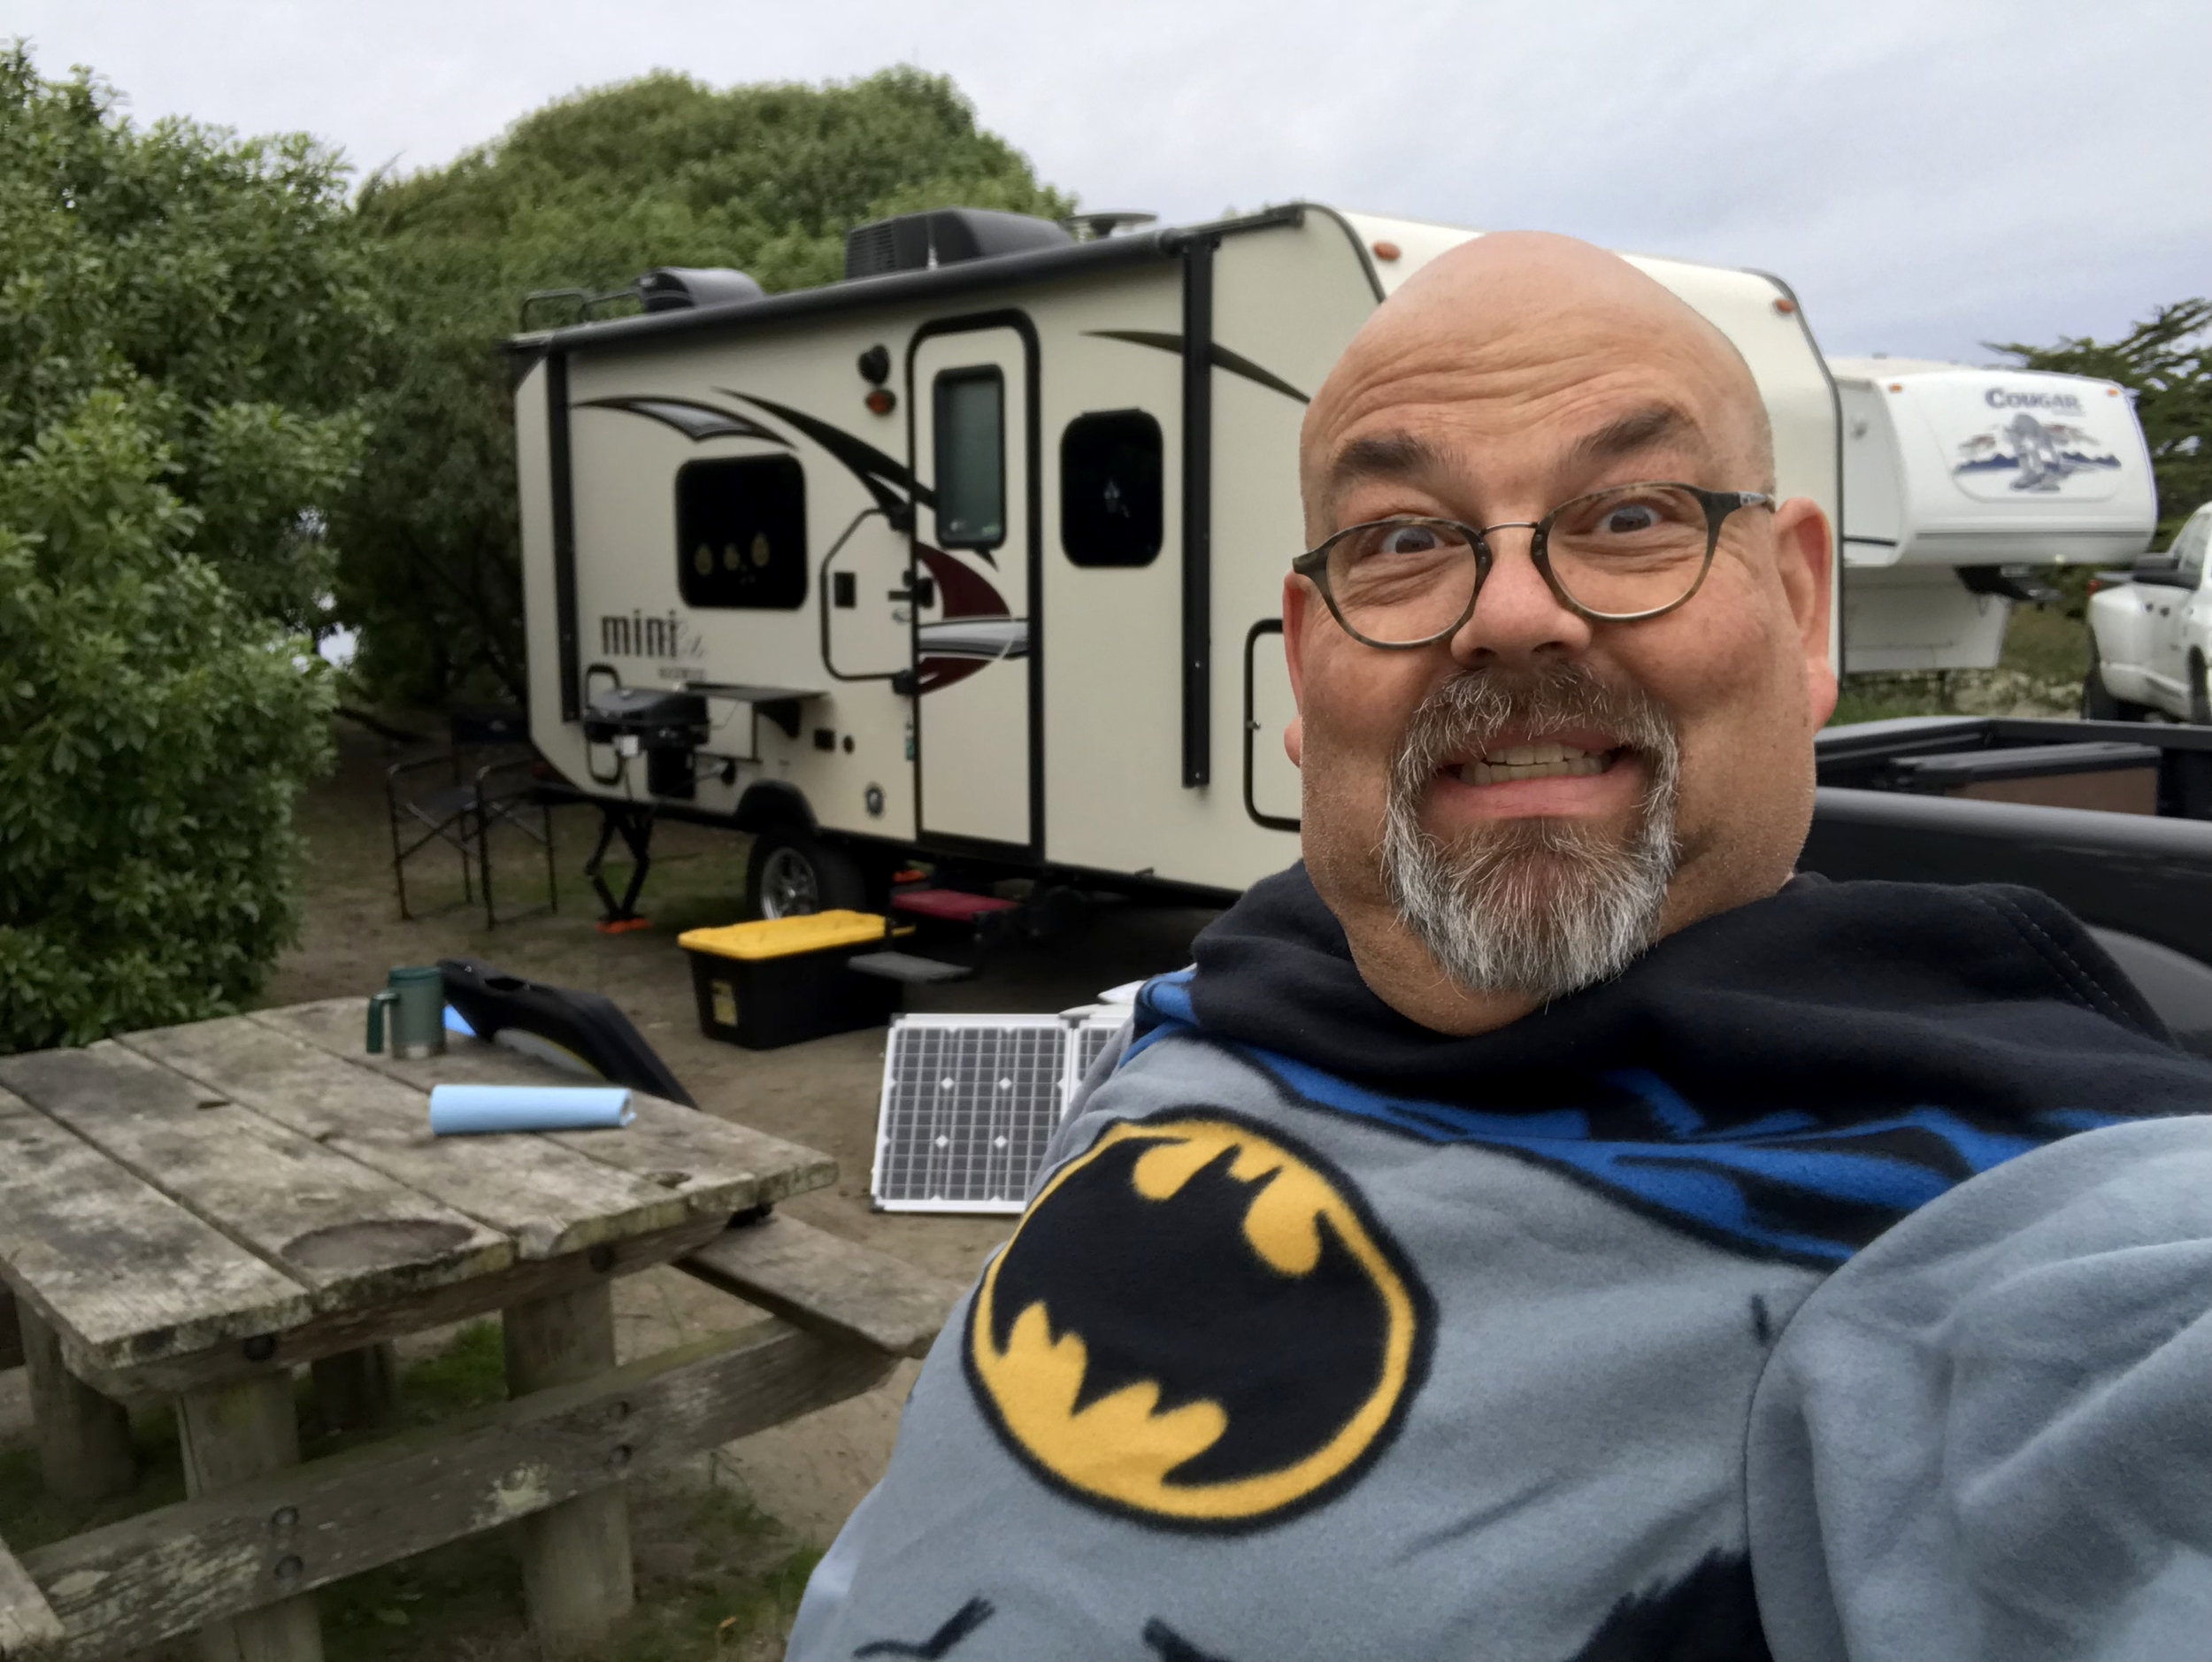 Batman Camping.jpg